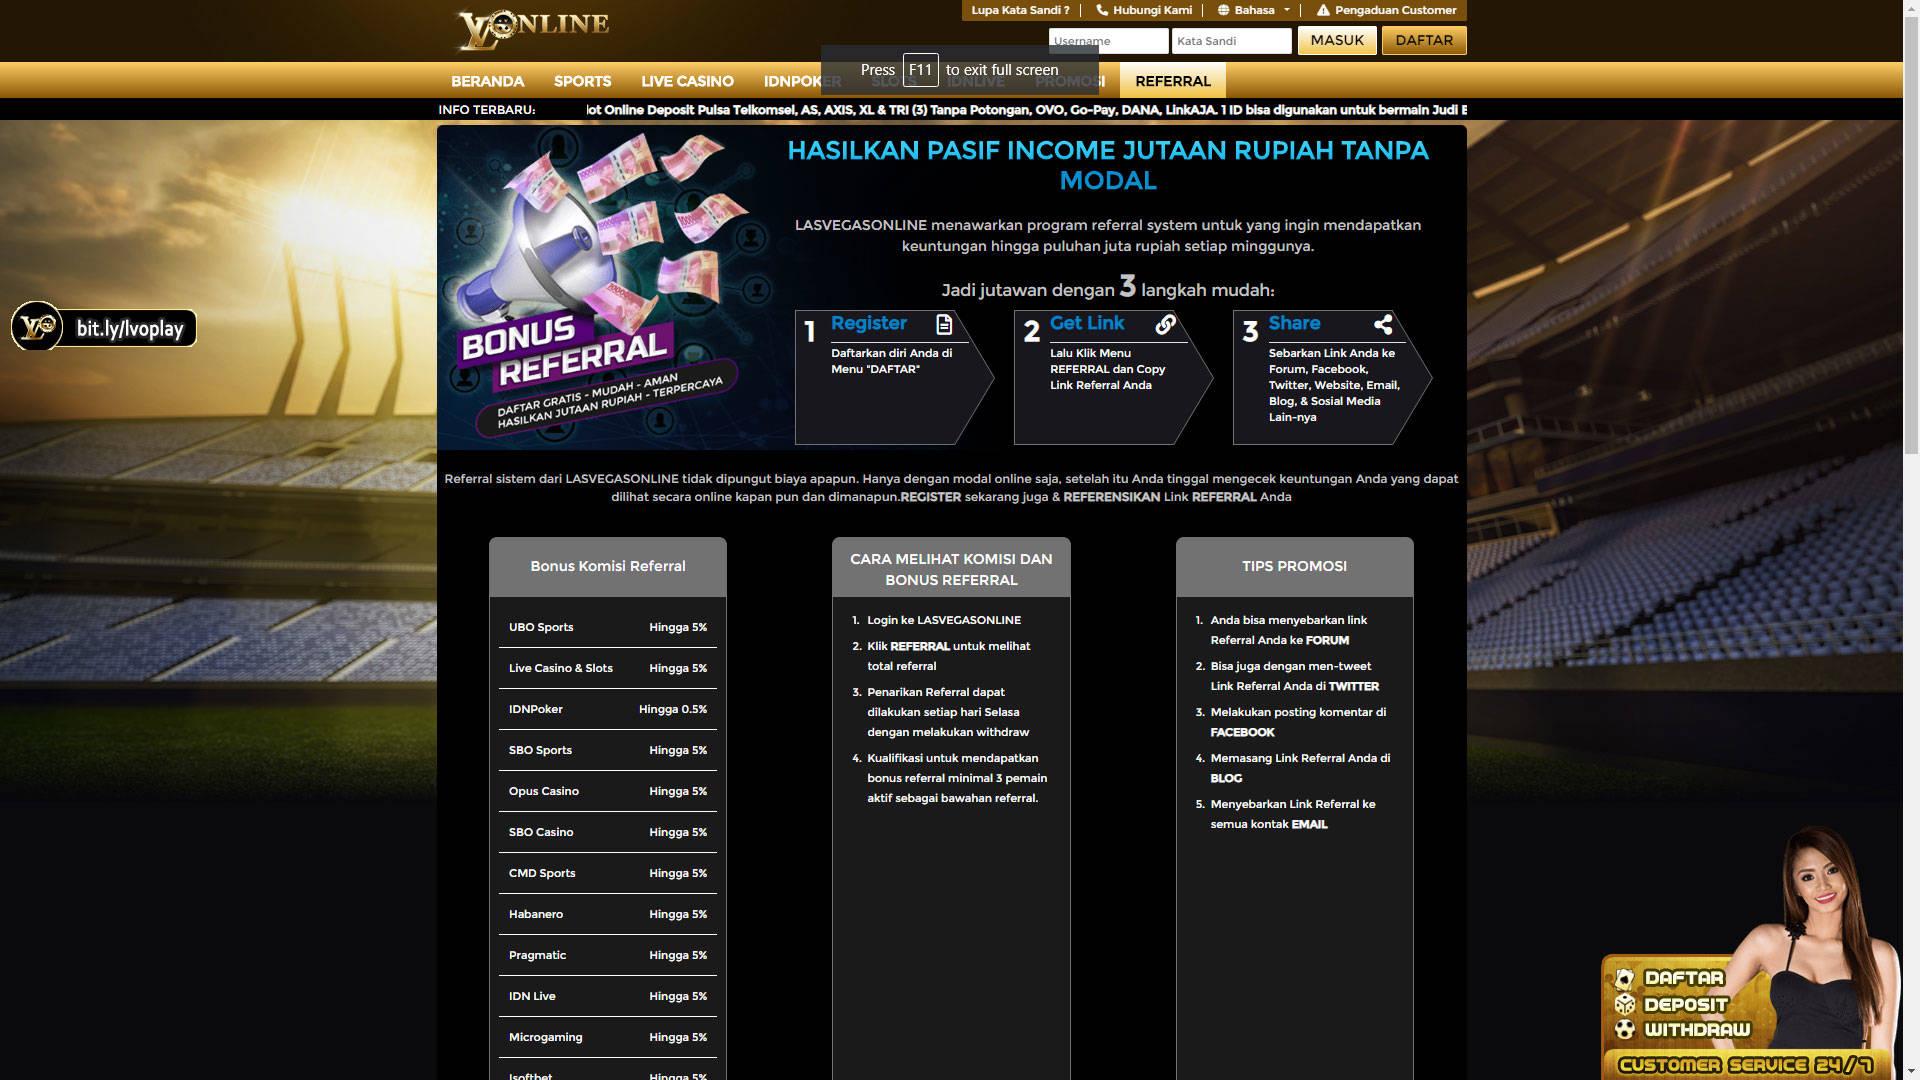 Lvobet Whitelabel Situs Bandar Judi Online Terpercaya Yang Menerima Deposit Via Pulsa Tanpa Potongan Telkomsel As Xl Axis Tri Dan Bisa Klaim Bonus Deposit Biglietti 25 Luglio 2020 13 45 Metooo